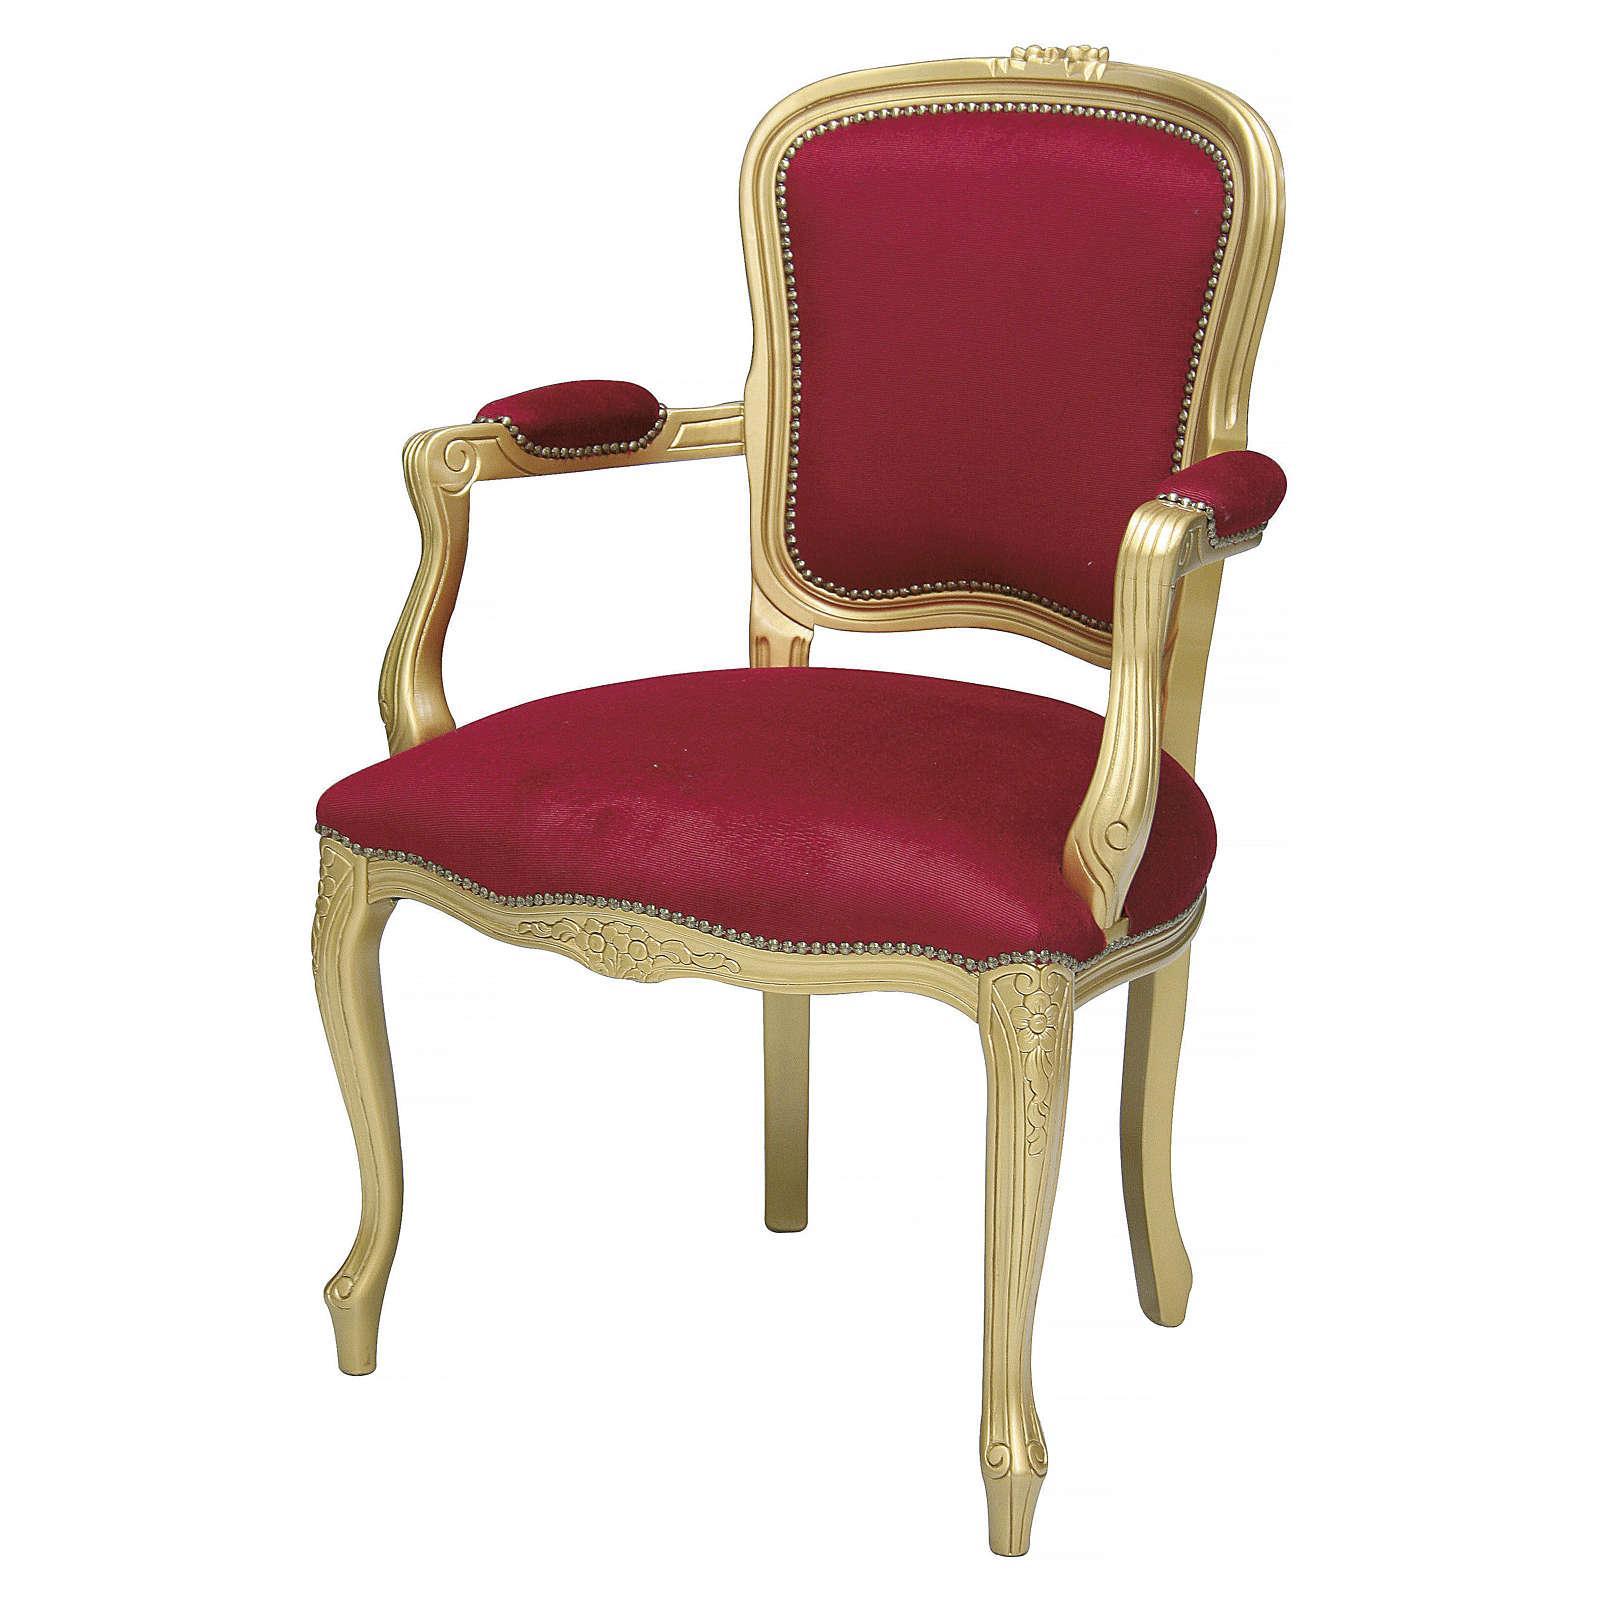 Sillón de madera de nogal barroco hoja de oro terciopelo rojo 4